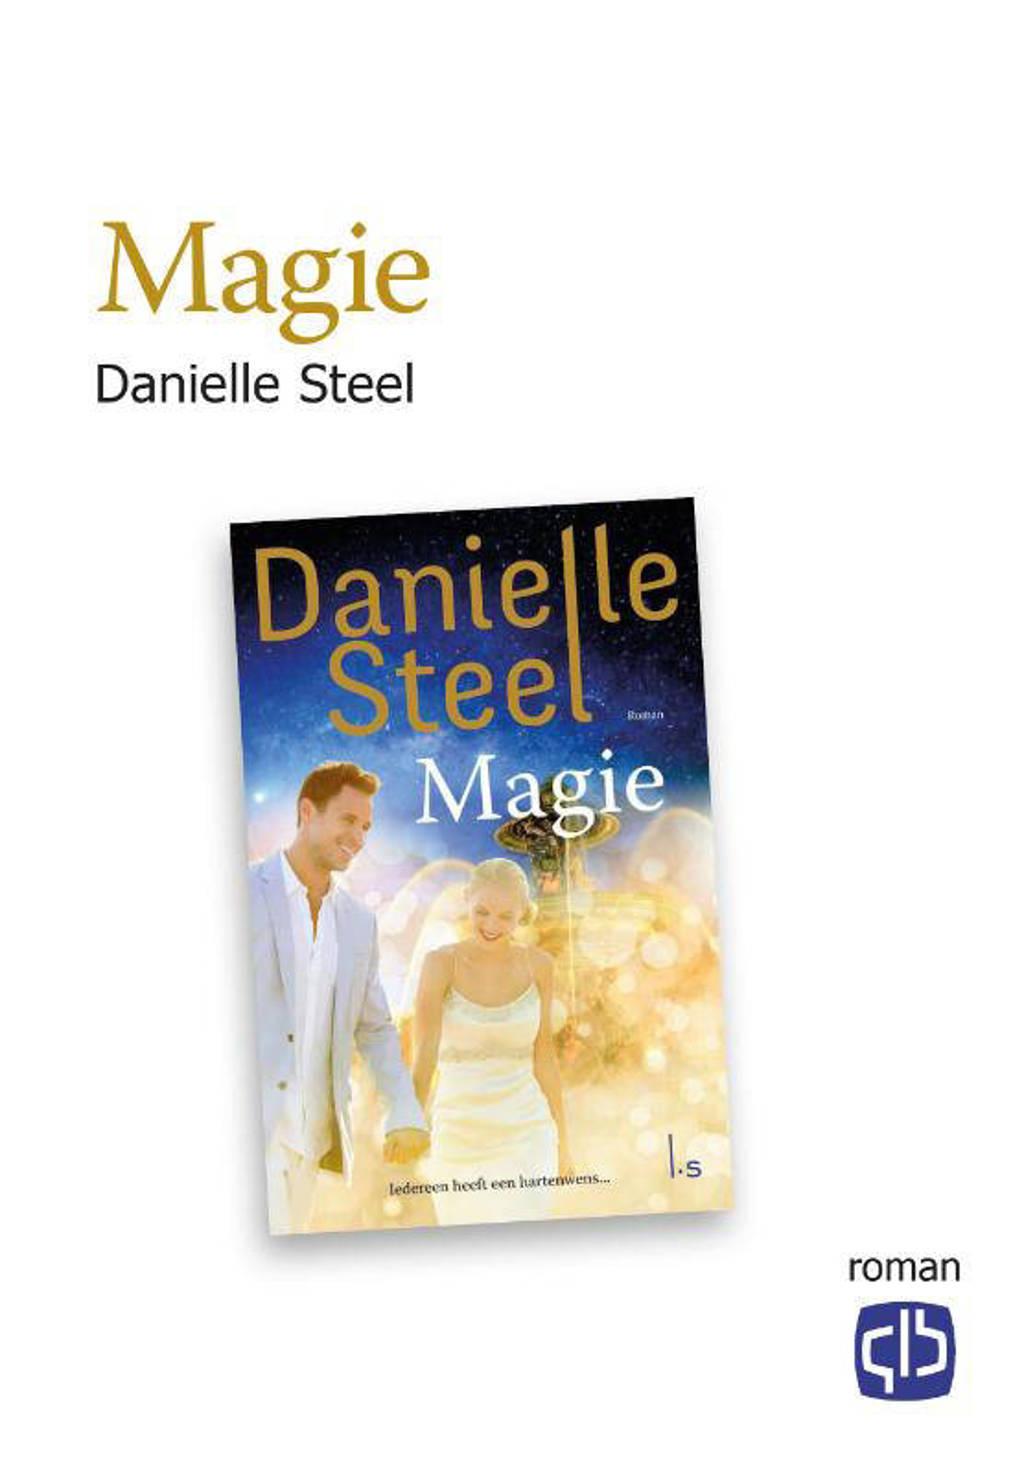 Magie - Danielle Steel